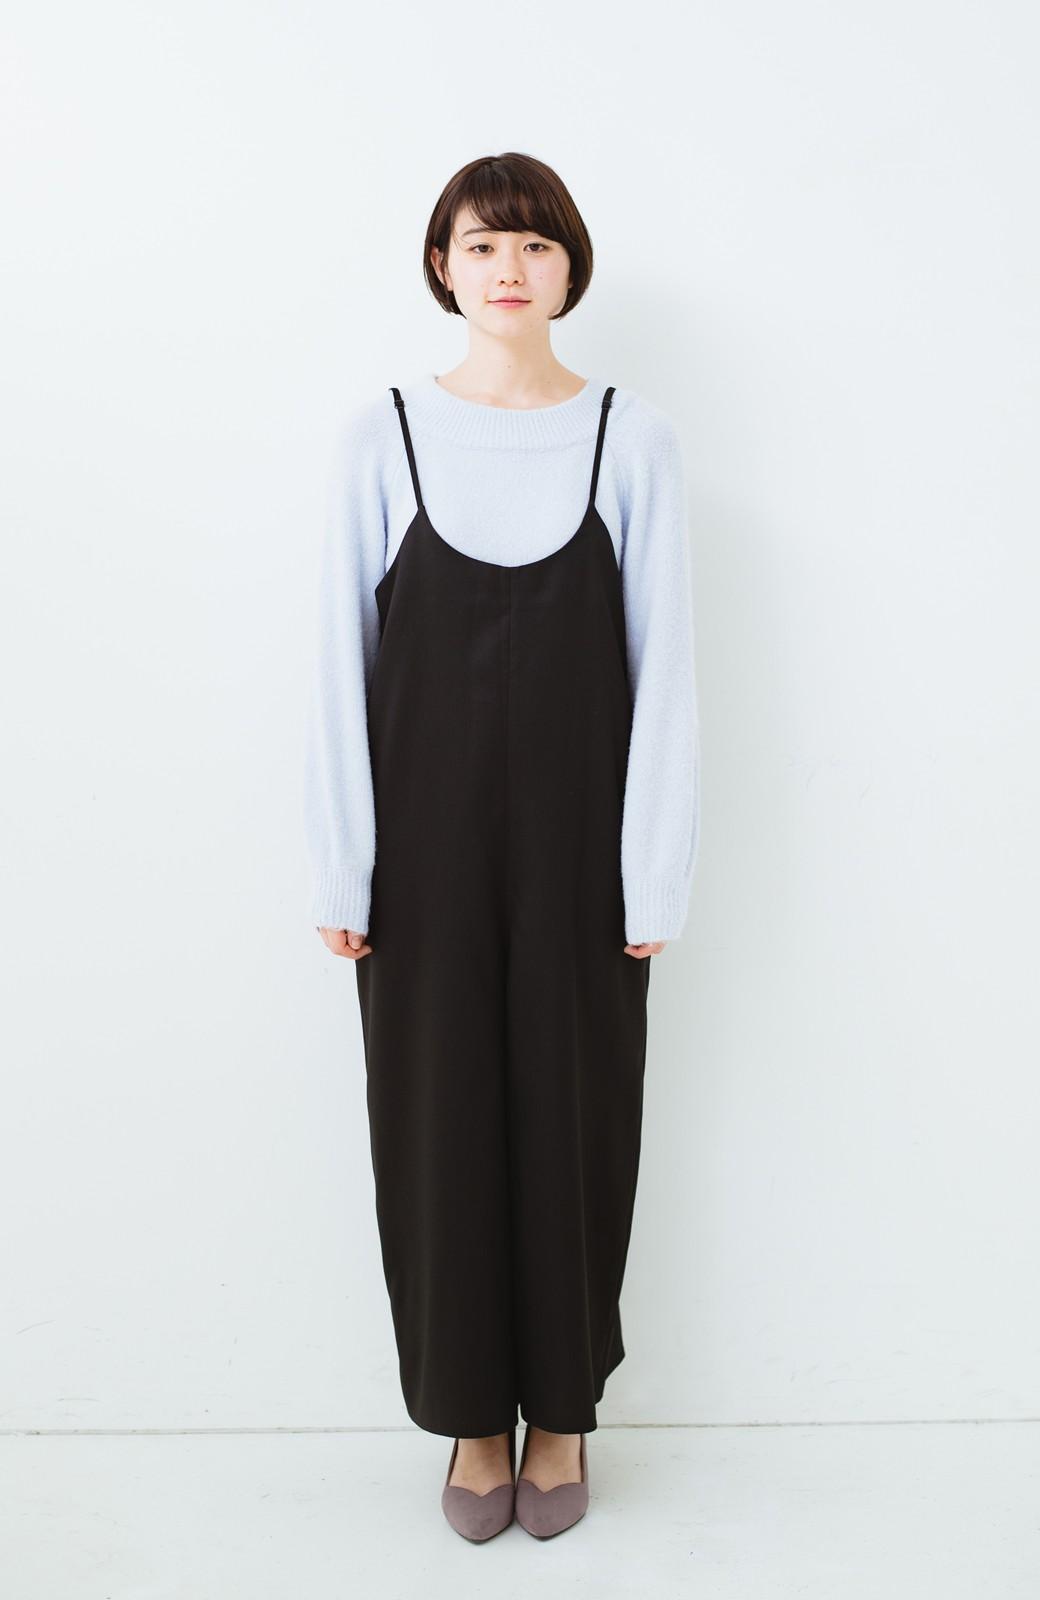 haco! 【スタッフスペシャルセット】ギリギリ女子ミオの夏のコーデに便利!手持ちのTシャツといけるんちゃうかセット  <その他>の商品写真8